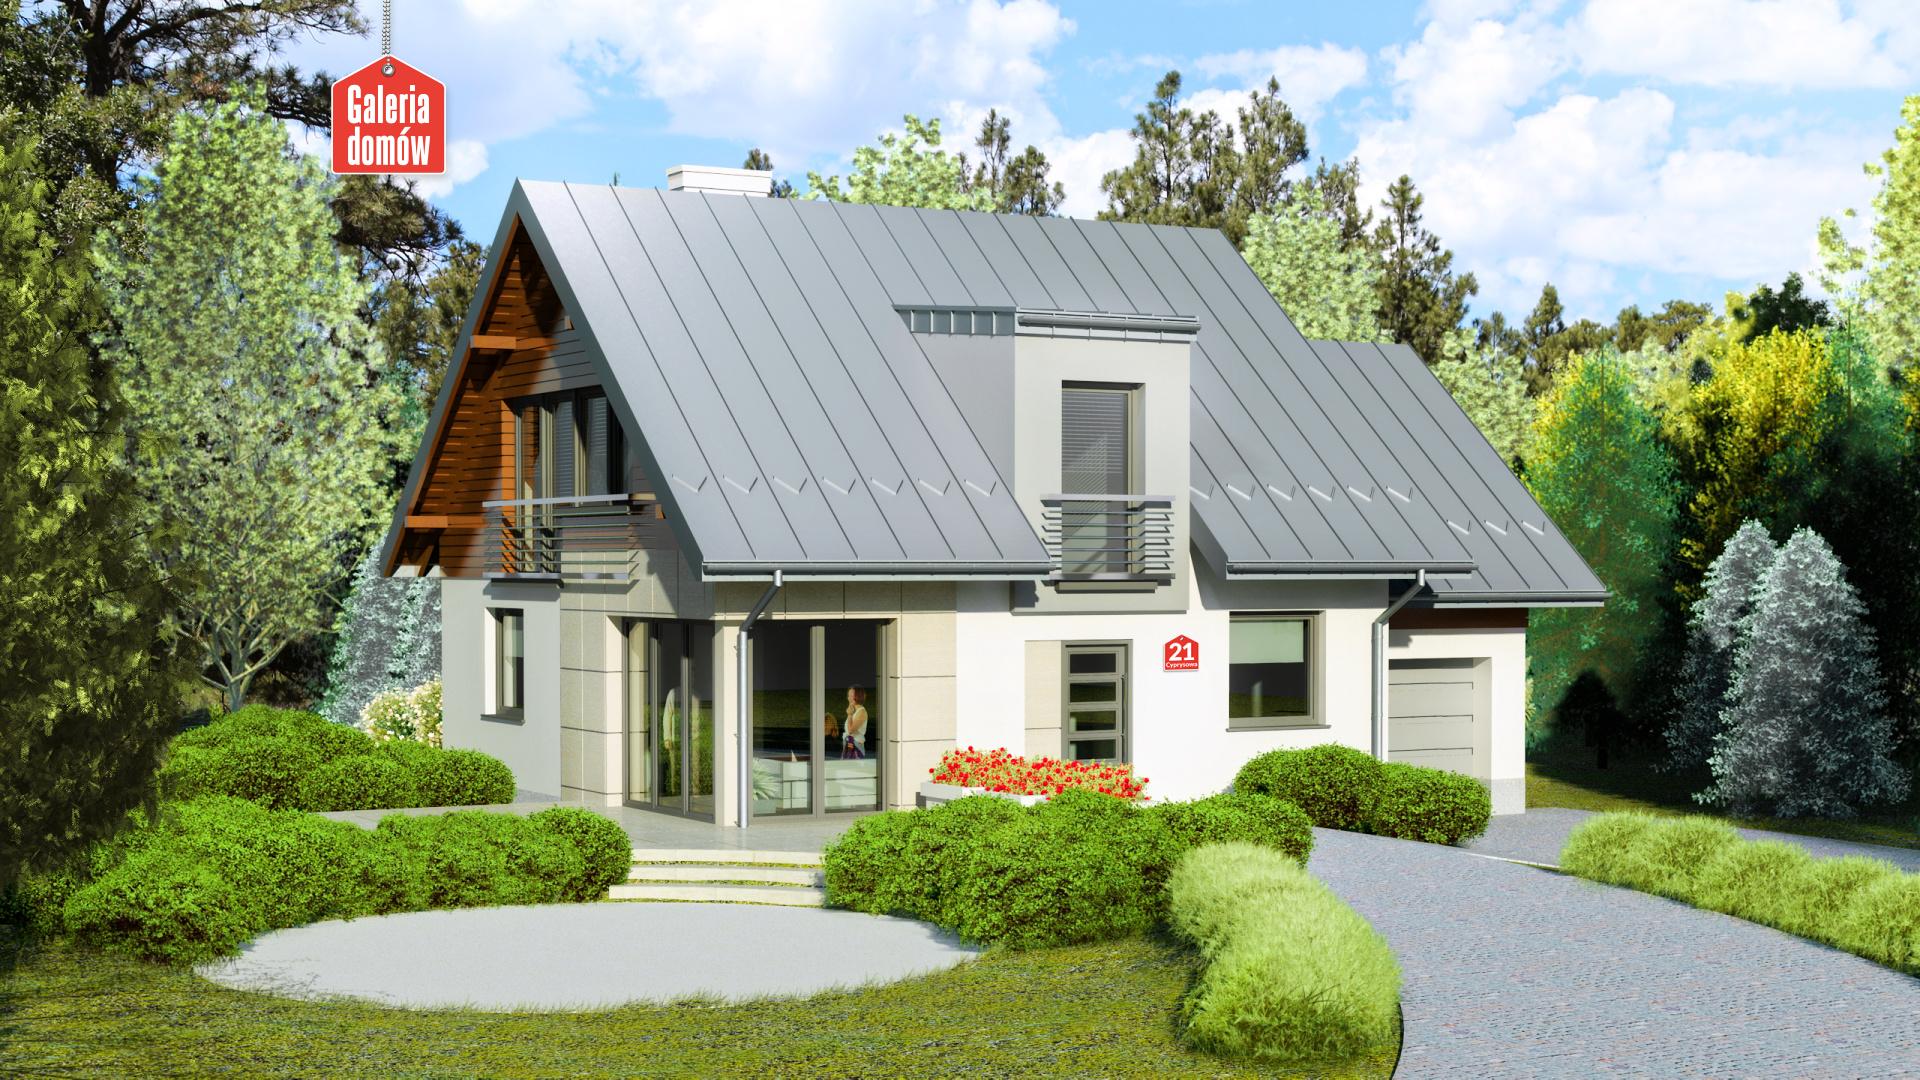 Dom przy Cyprysowej 21 - zdjęcie projektu i wizualizacja